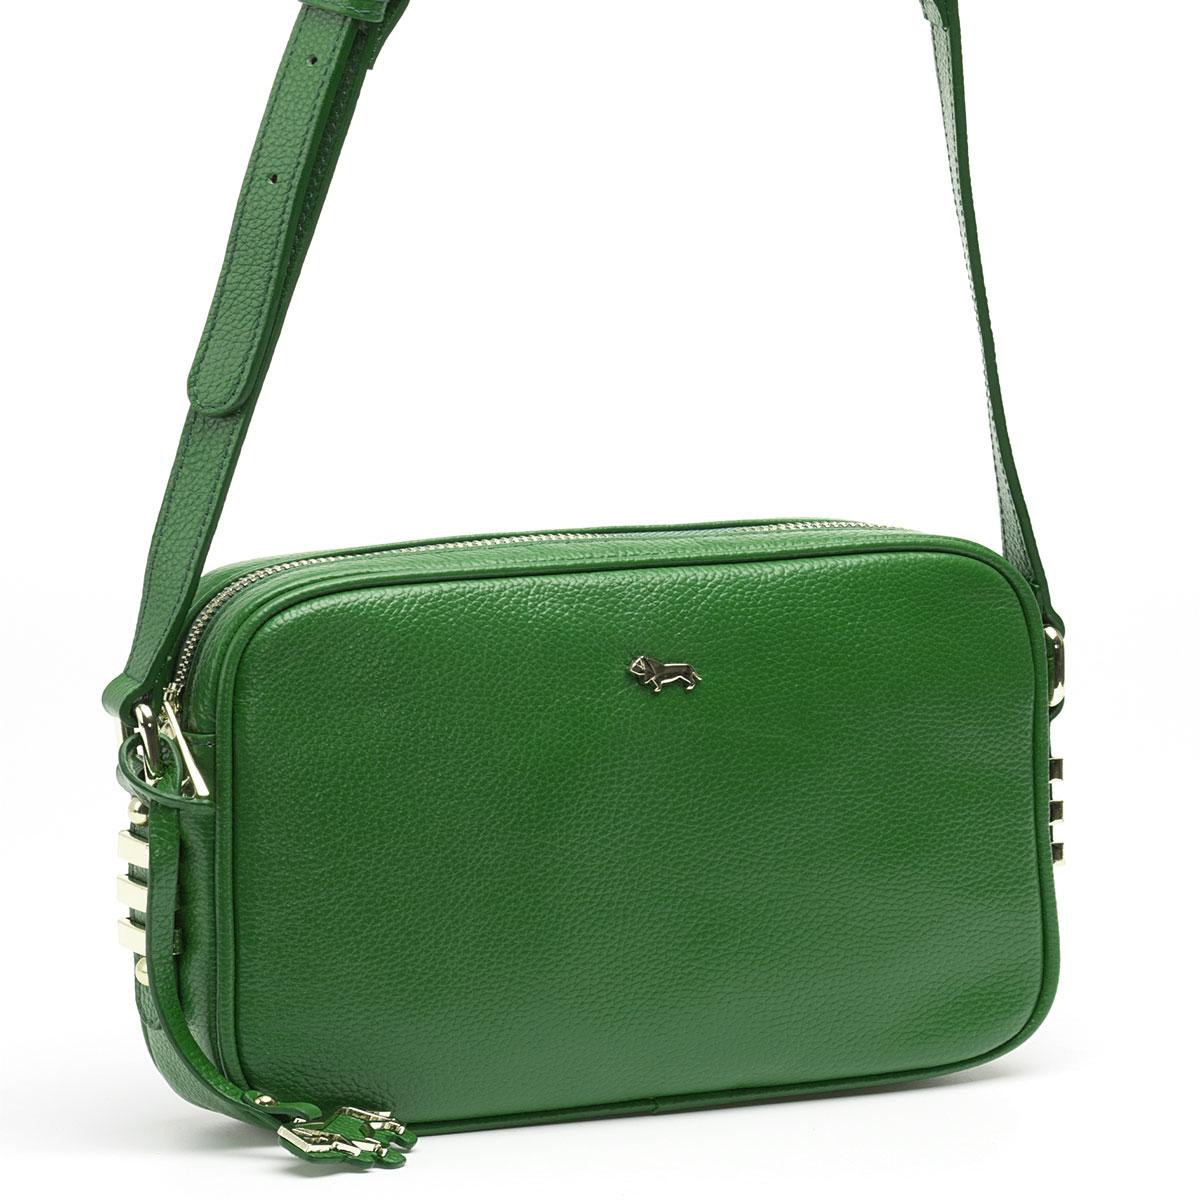 Сумка кросс-боди женская Labbra, цвет: зеленый. L-8329L-8329Женская сумка торговой марки LABBRA из натуральной кожи. Сумка закрывается на металлическую молнию. Внутри - одно отделение, в котором есть карман на молнии, карман для мобильного телефона и открытый карман. Сумка имеет карман на задней стенке. Данная модель кросс-боди, длина наплечного ремня - 115 см.